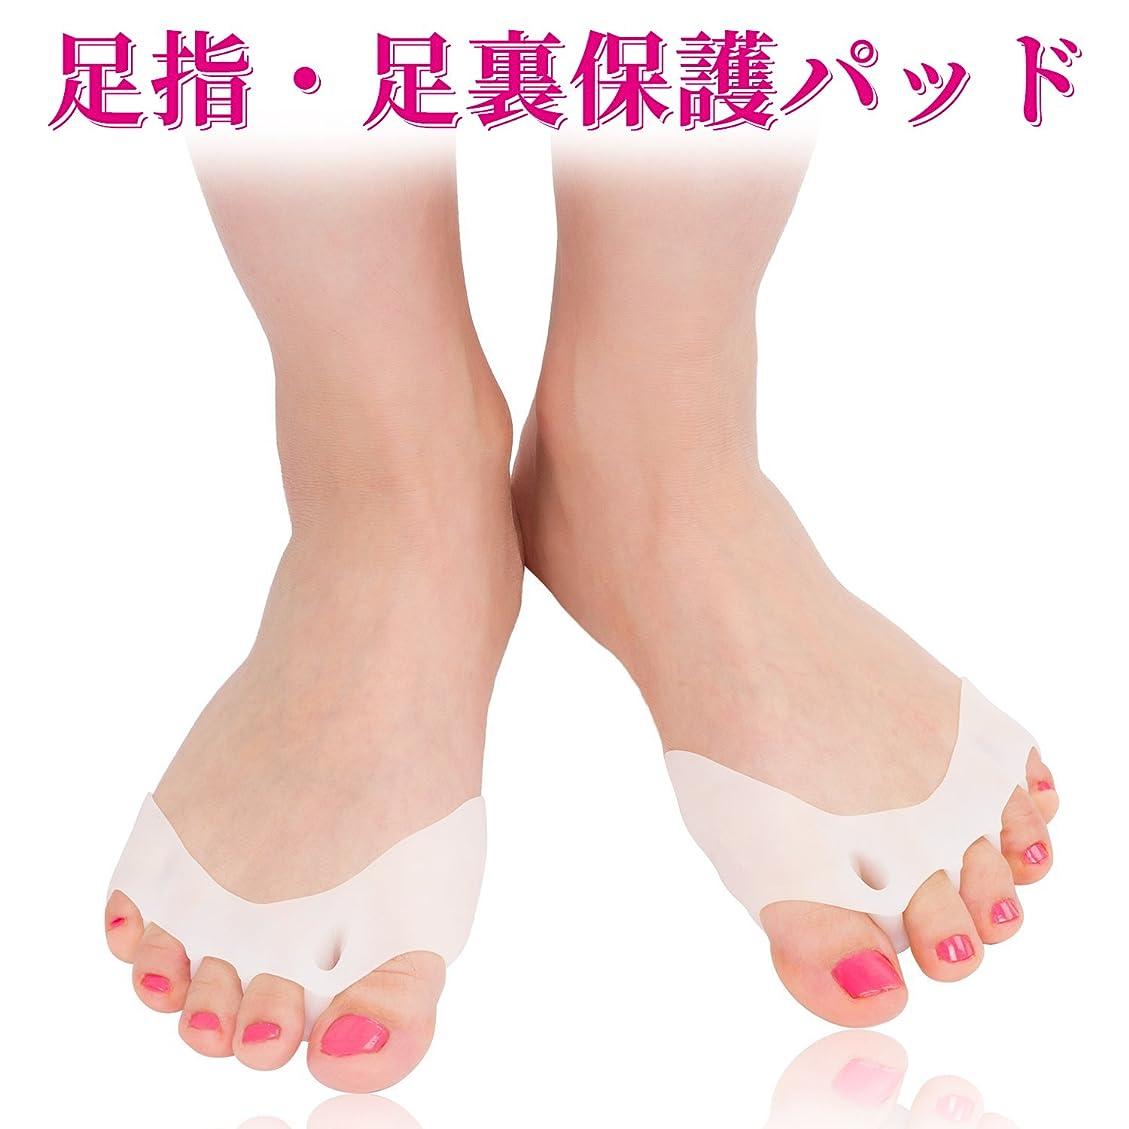 食事合わせてベルCloseMate 足指分離パッド 足裏保護パッド 外反母趾 サポーター 靴ズレに対策 足底筋膜炎 痛み緩和 衝撃吸収シリコンパッド フリーサイズ (2個入り)